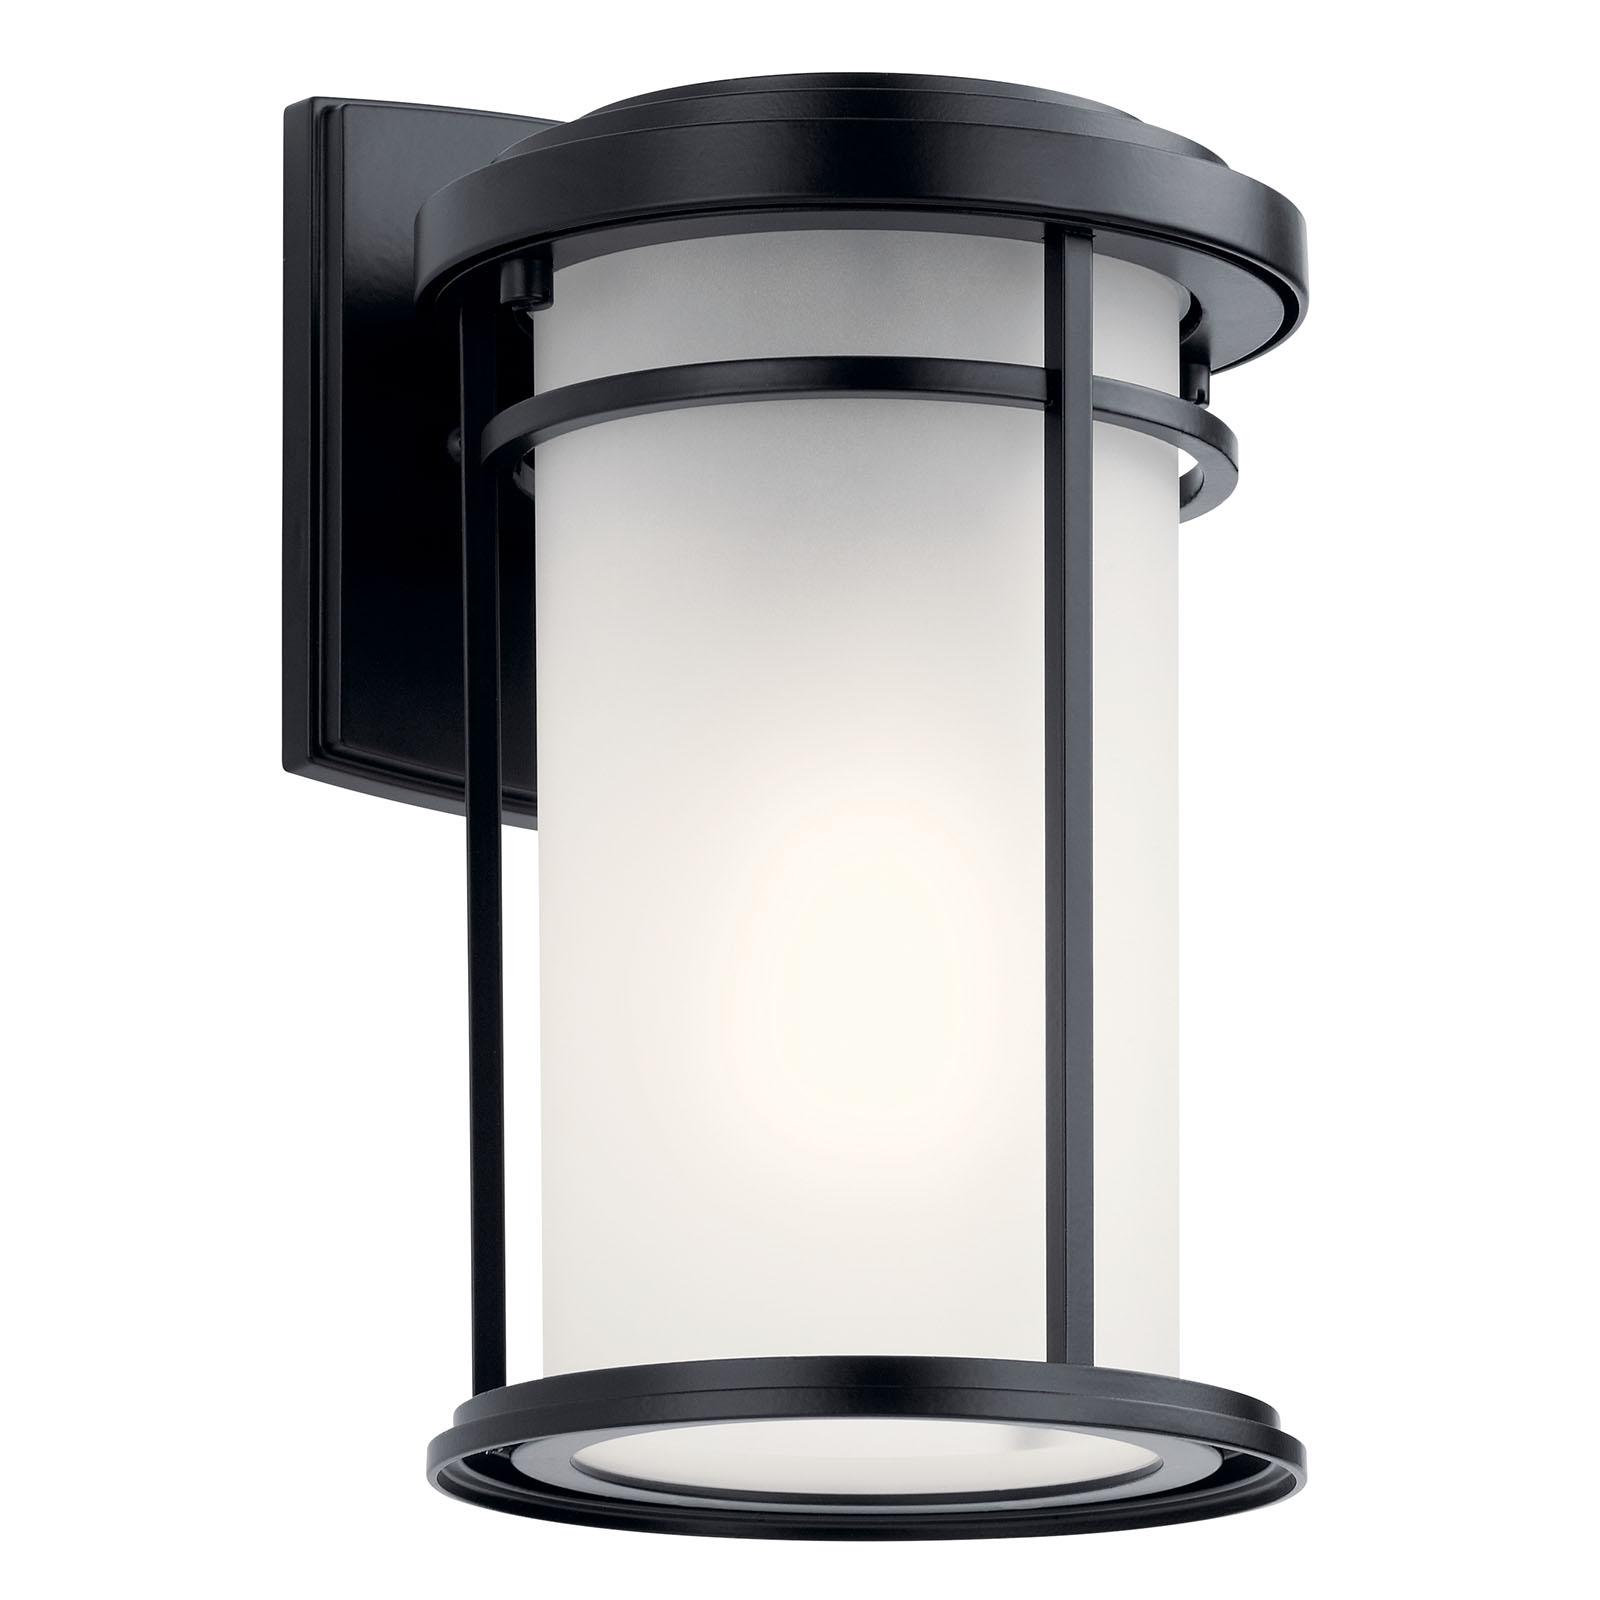 KIC 49686BK 1X75M Toman Black Outdoor Wall Light NEWSTOCK MAR 2019